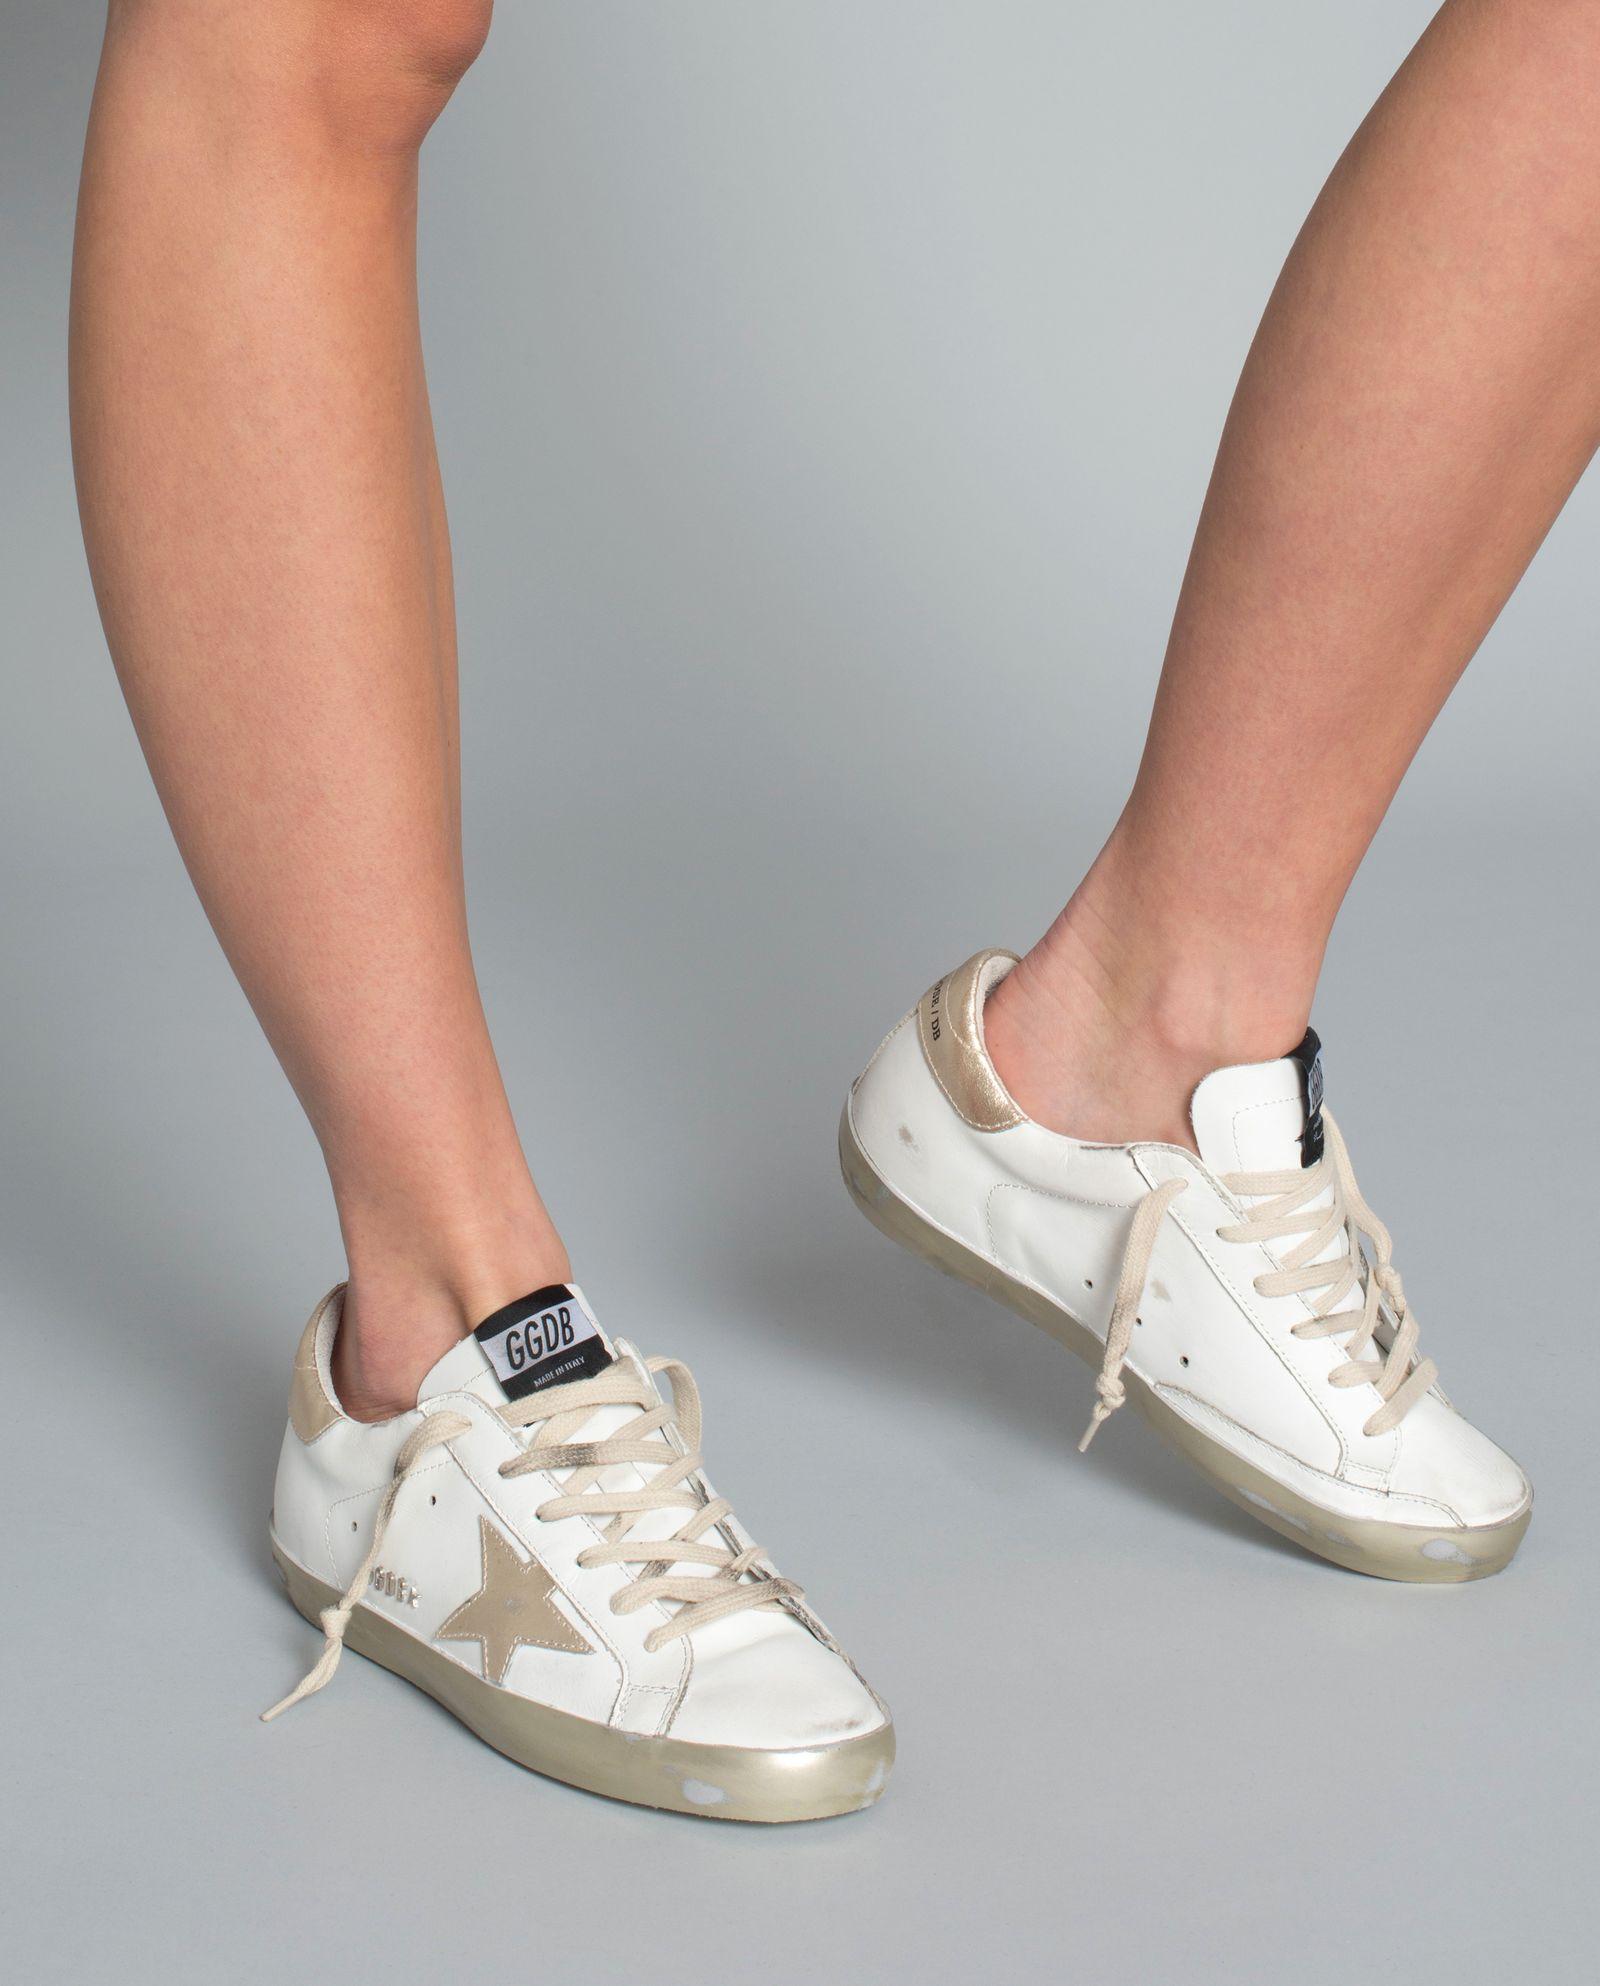 Sneakersy superstar GOLDEN GOOSE – Kup teď! Nejlepší ceny a recenze! Obchod  Moliera2.cz. 47c55a3638